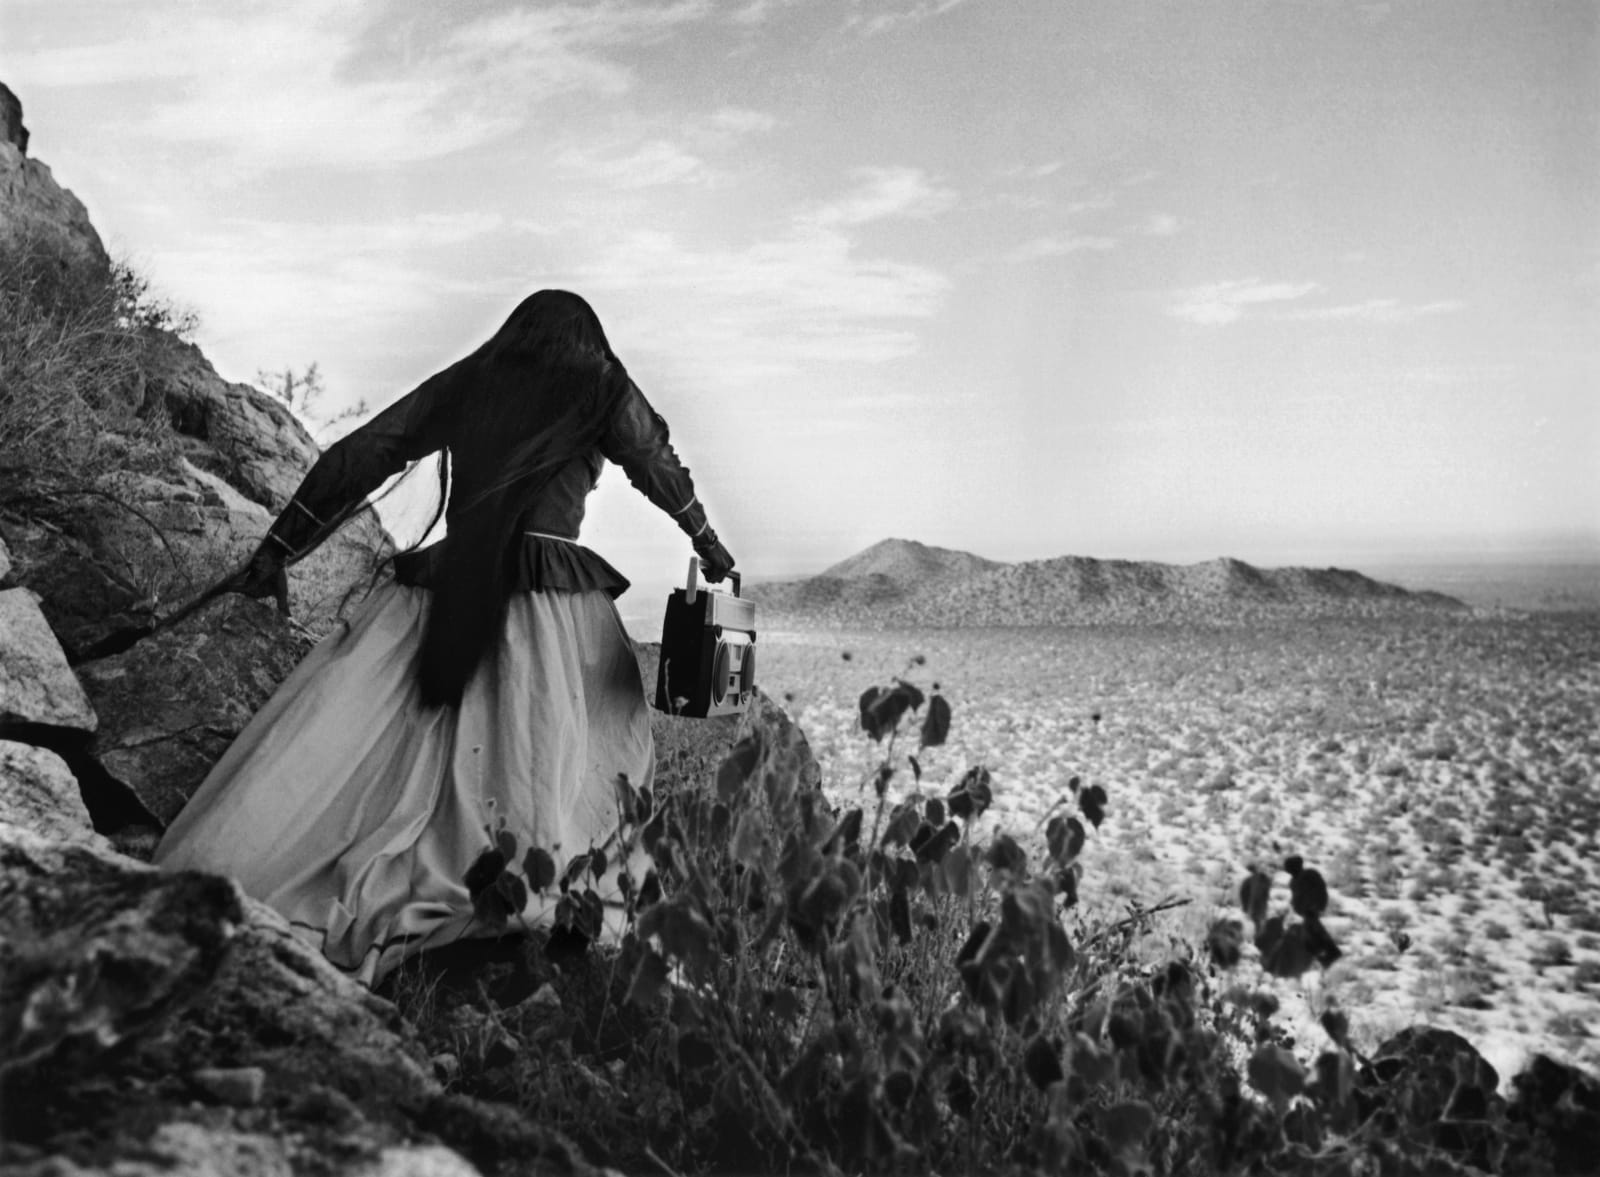 Graciela Iturbide - Mujer ángel, Desierto de Sonora, México, 1979